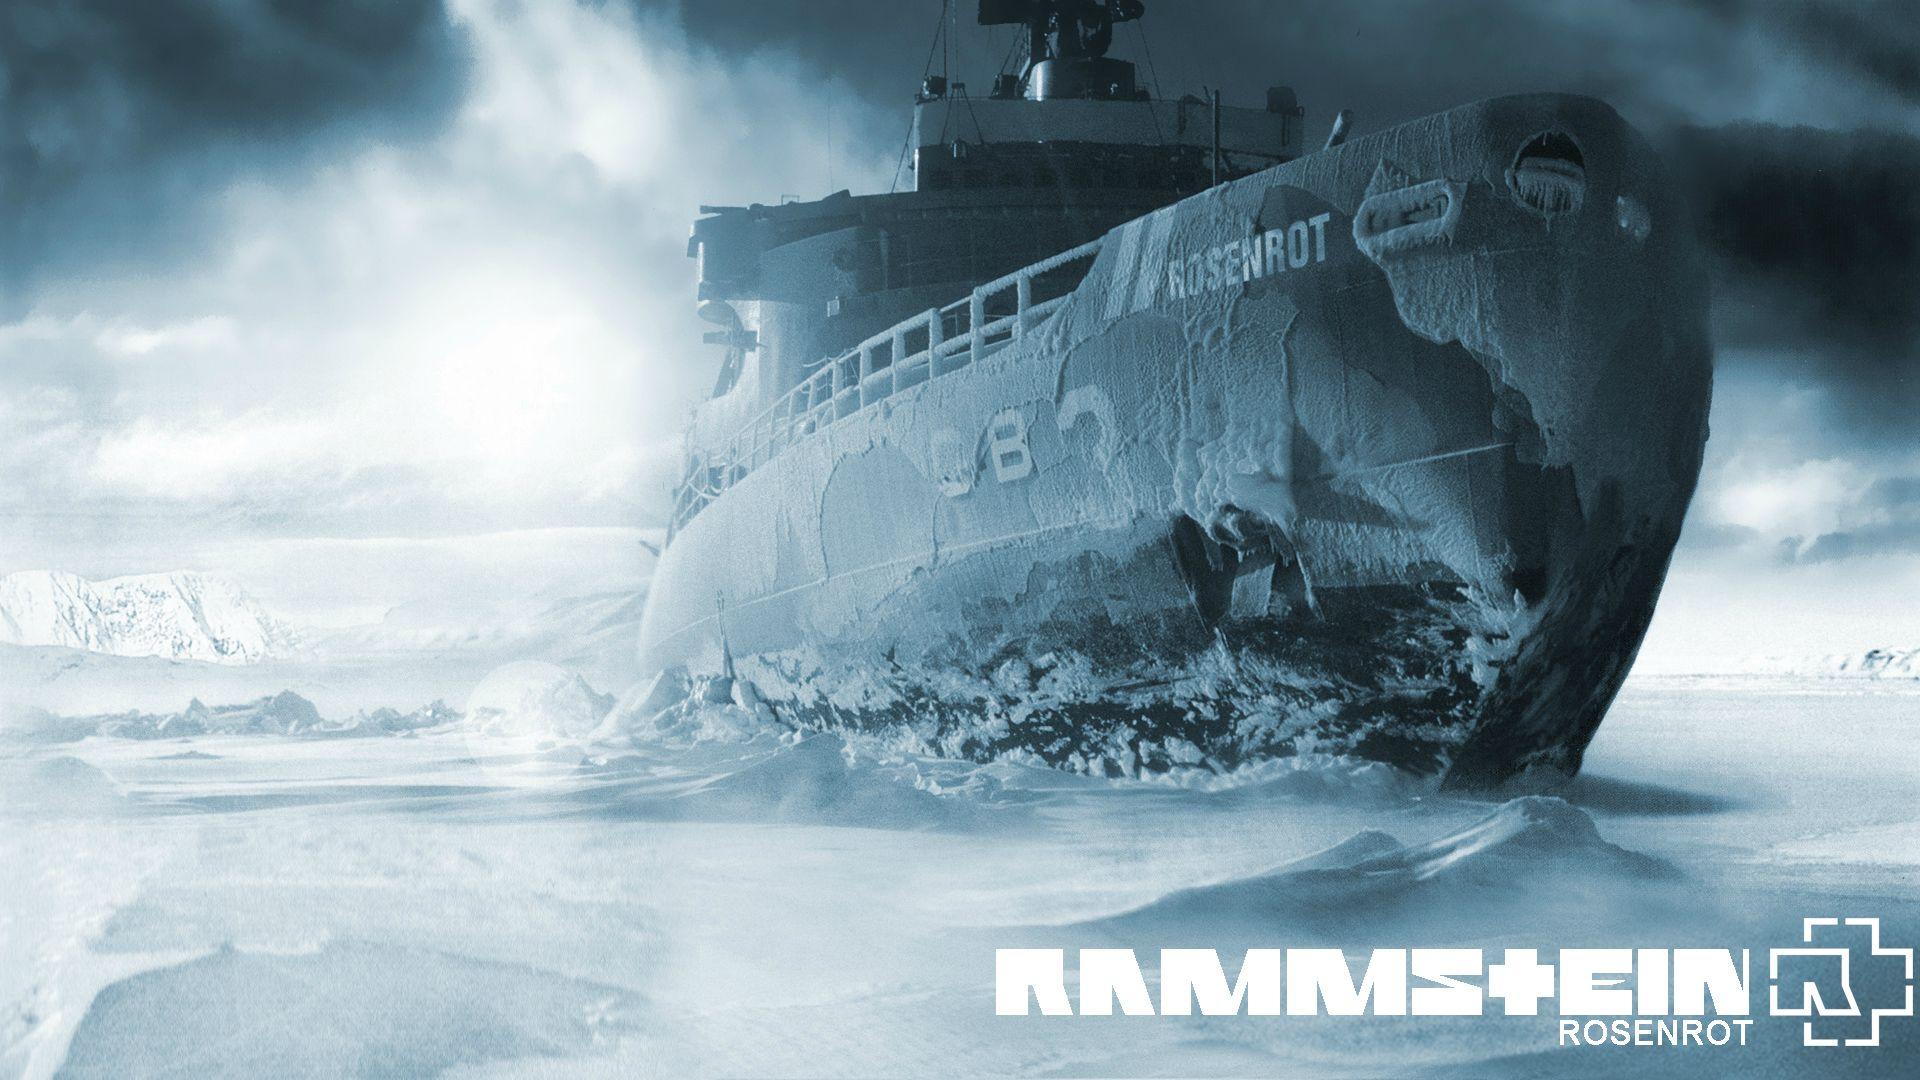 Rammstein Rosenrot Full HD Wallpaper and Background 1920x1080